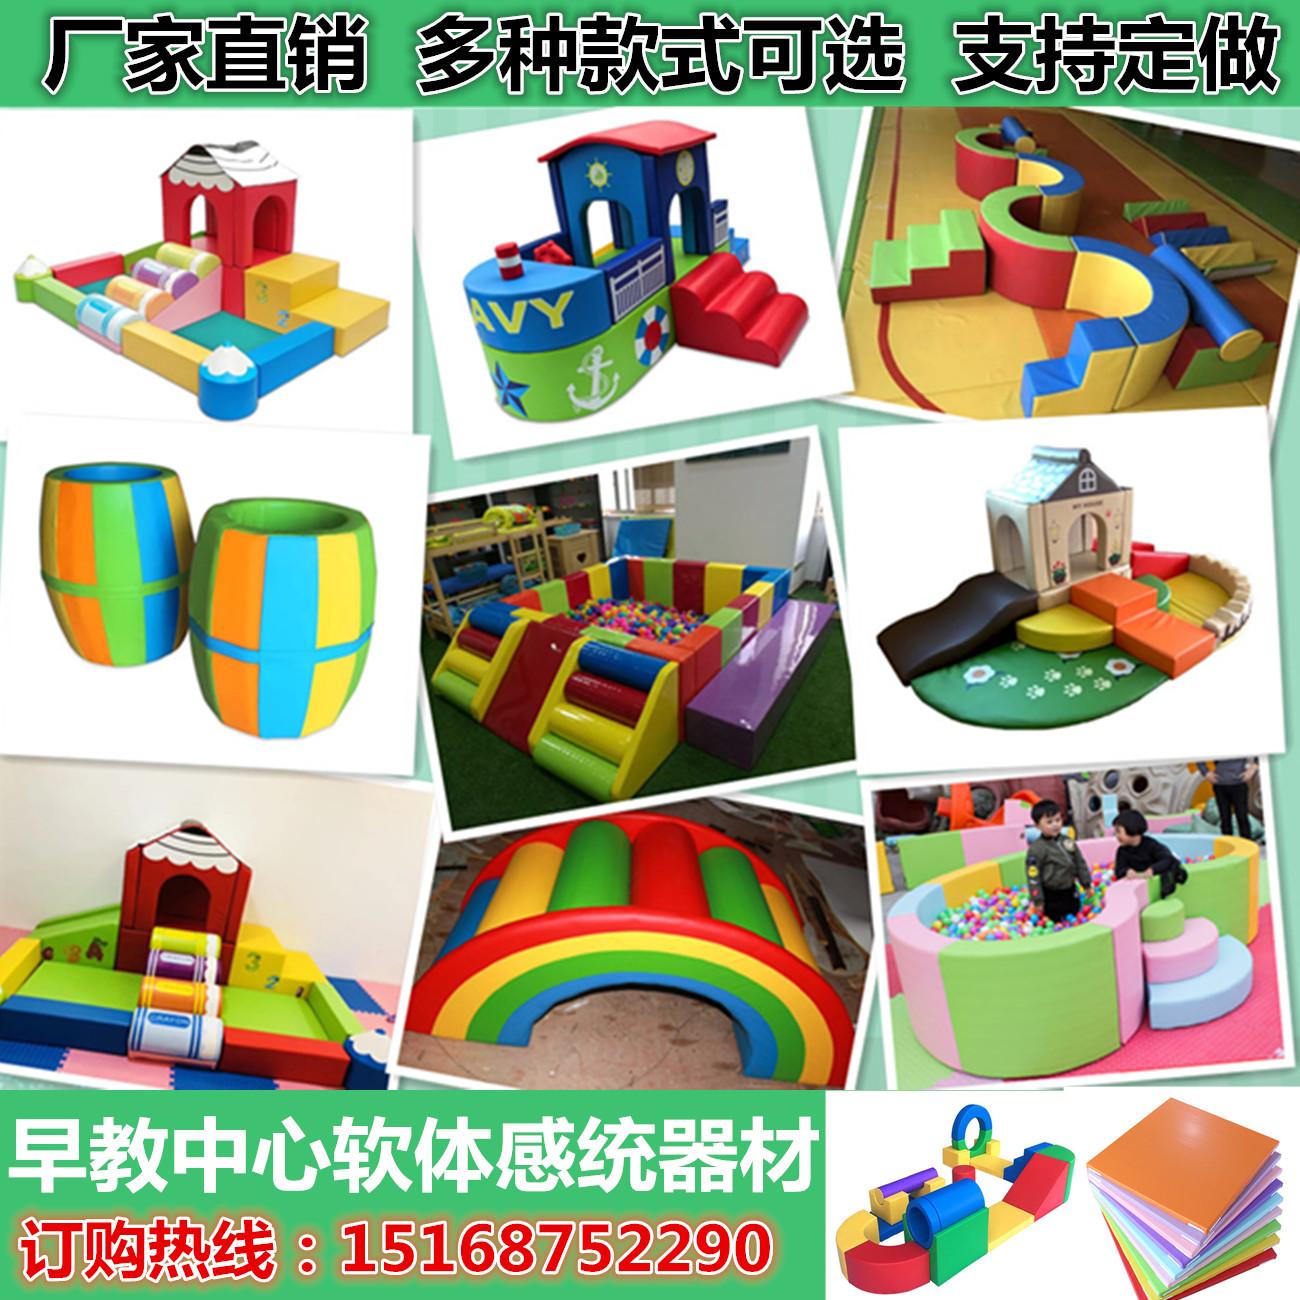 Мягкие ограждения для детей Артикул 571540427641